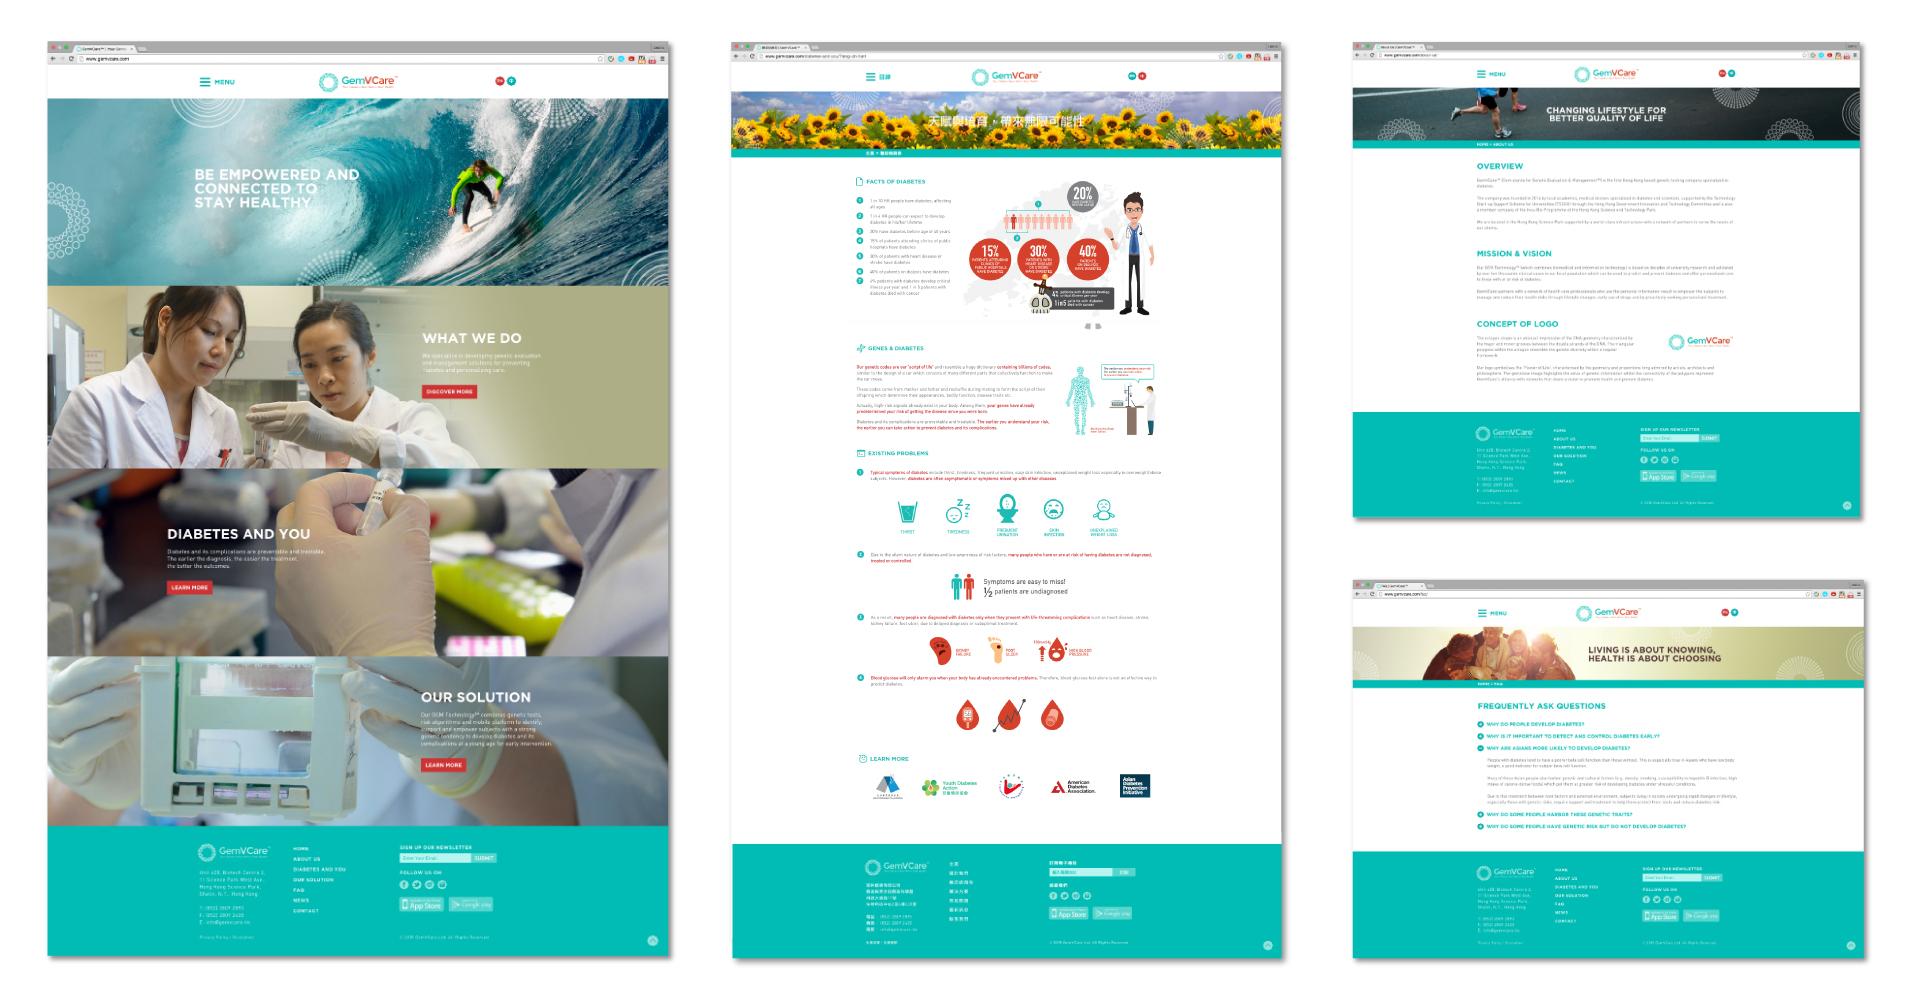 GemVCare Web Design